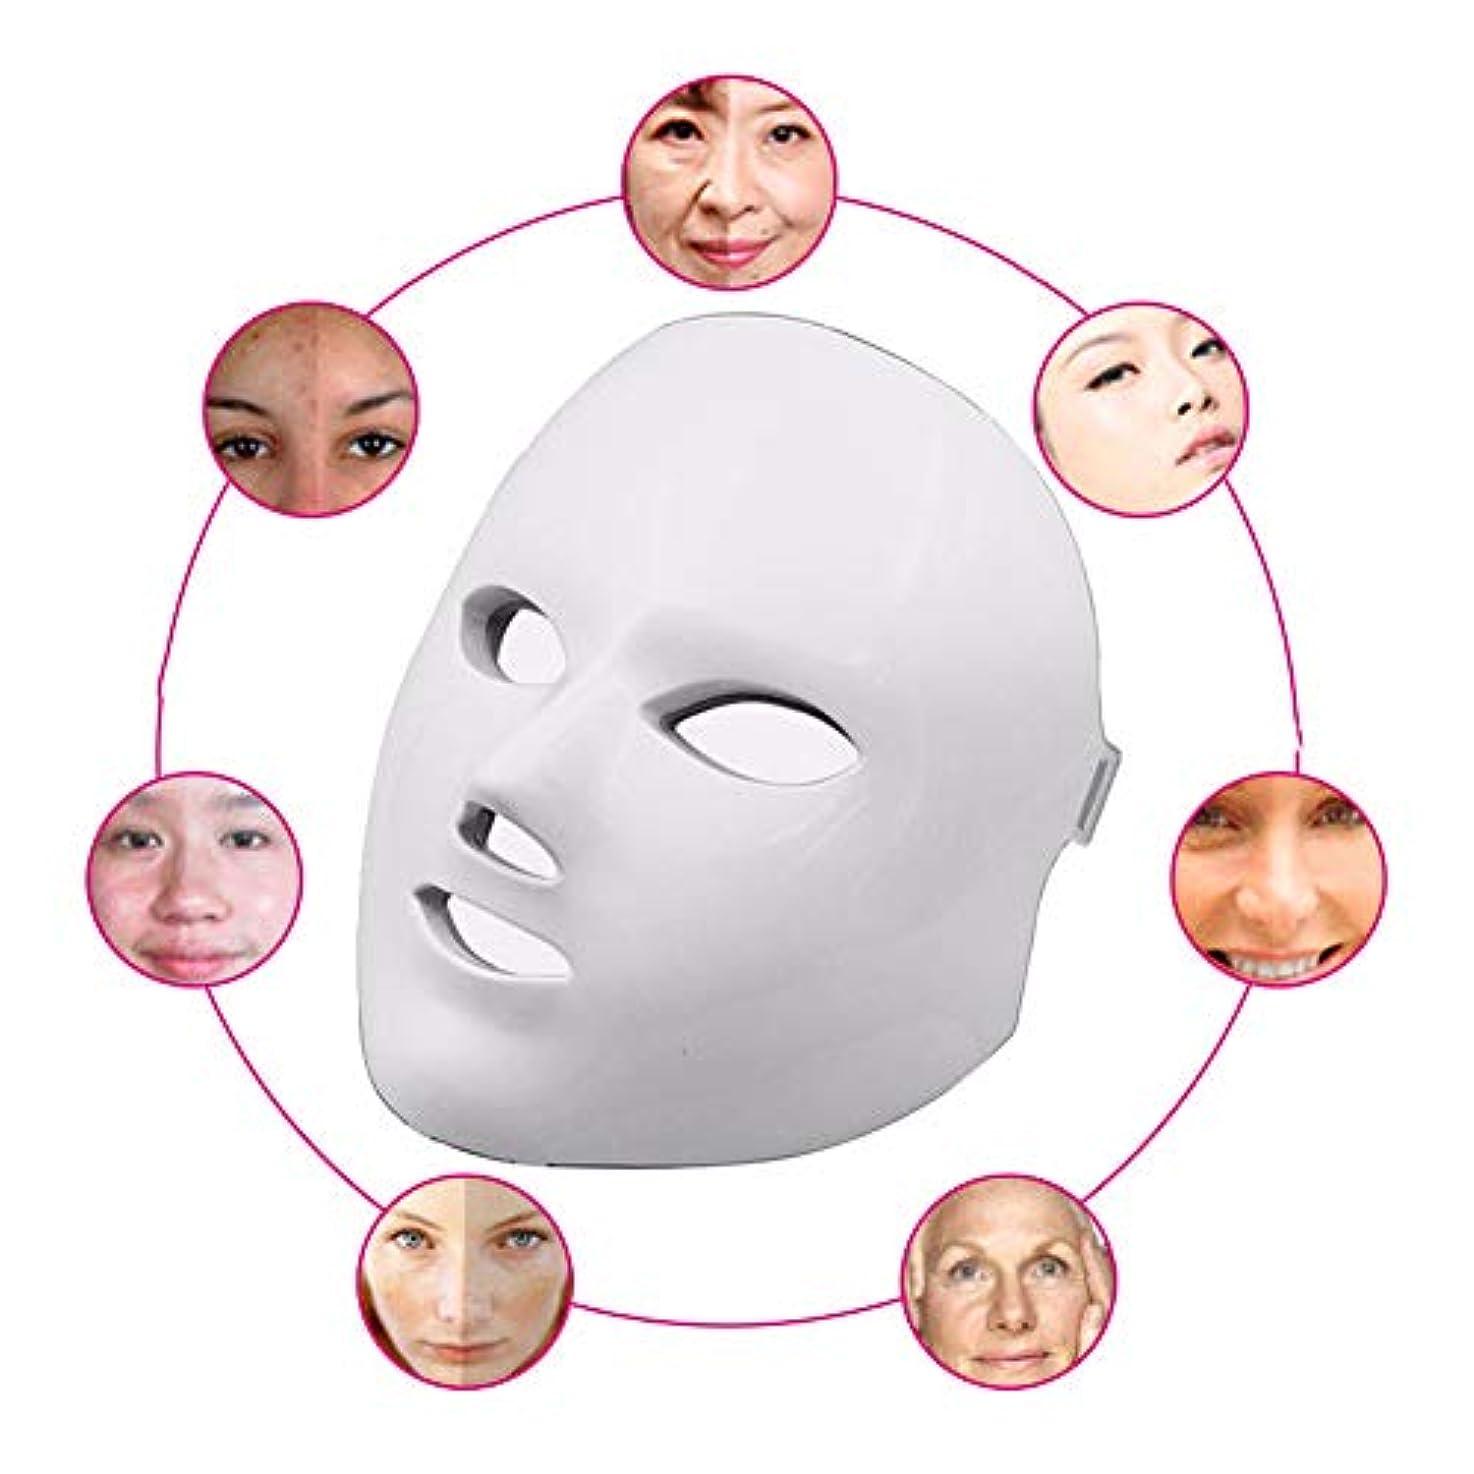 交響曲マニア極地赤色光光子治療機7色ledマスク再生PDT抗にきびしわ顔の美しさマッサージツール,White